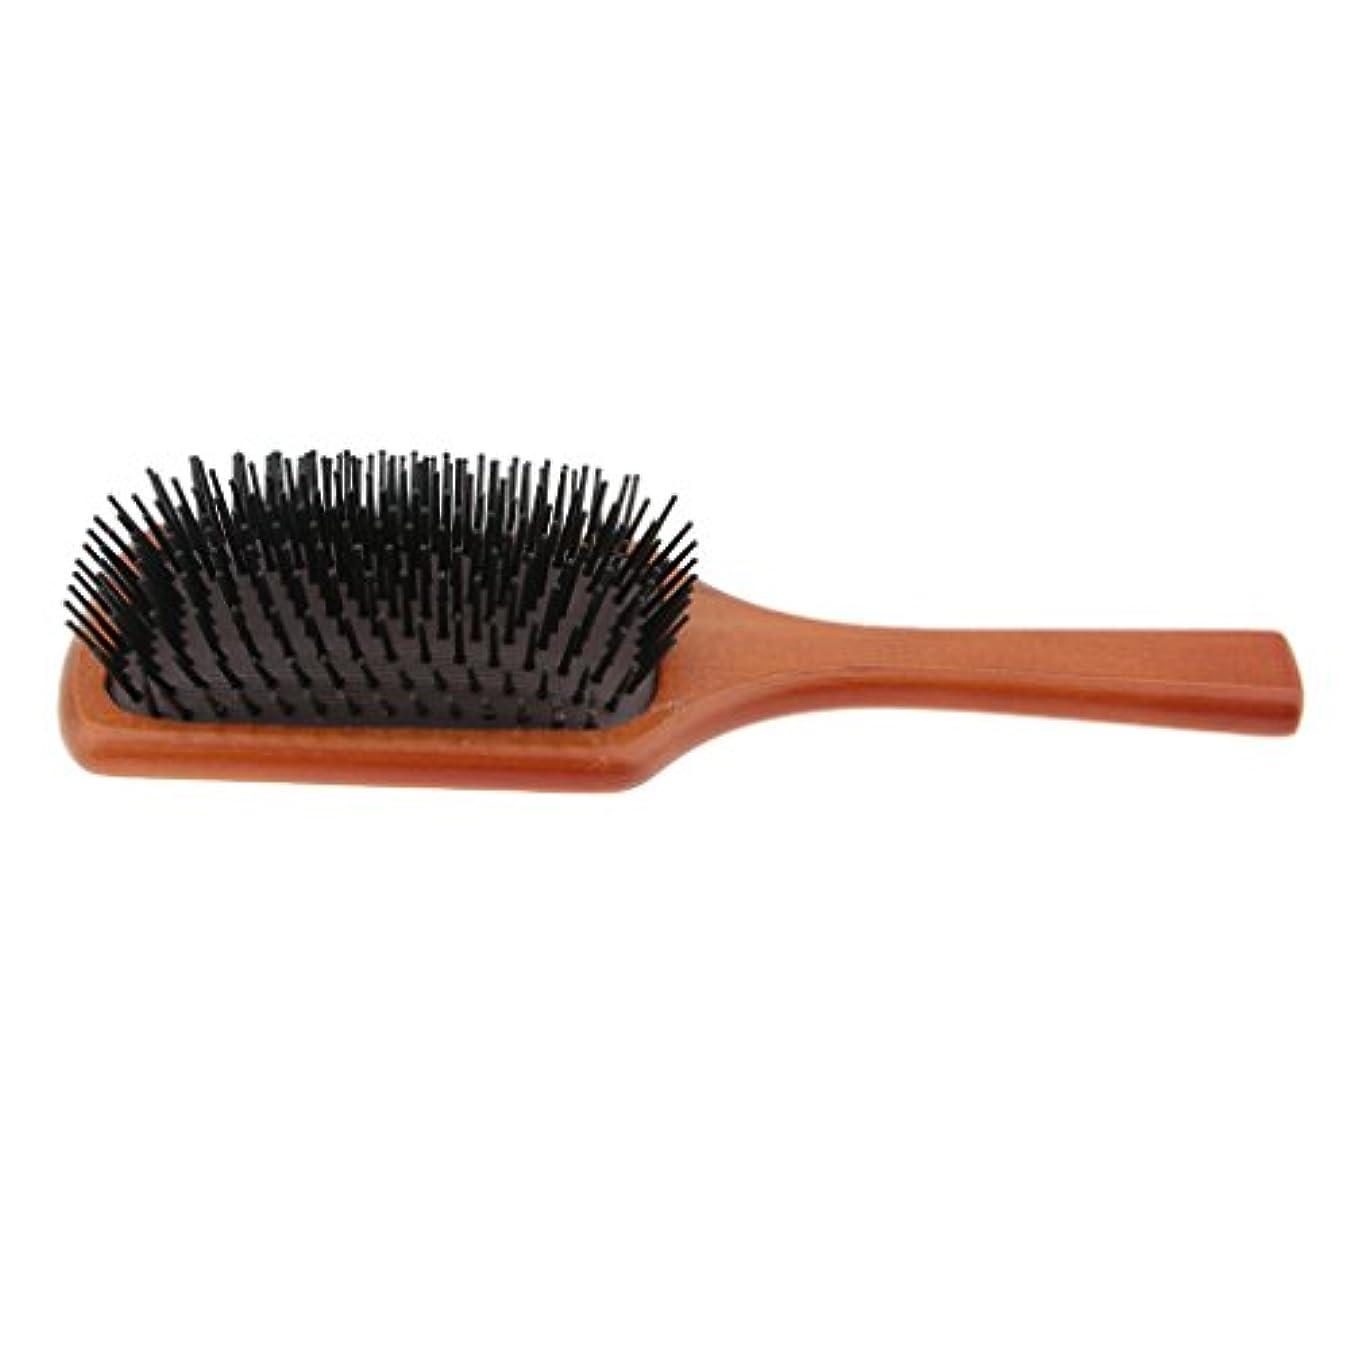 つぶやき固執有用CUTICATE 木製ヘアブラシ ヘアダイコーム 木製コーム ヘアコーム 櫛 理髪店 アクセサリー